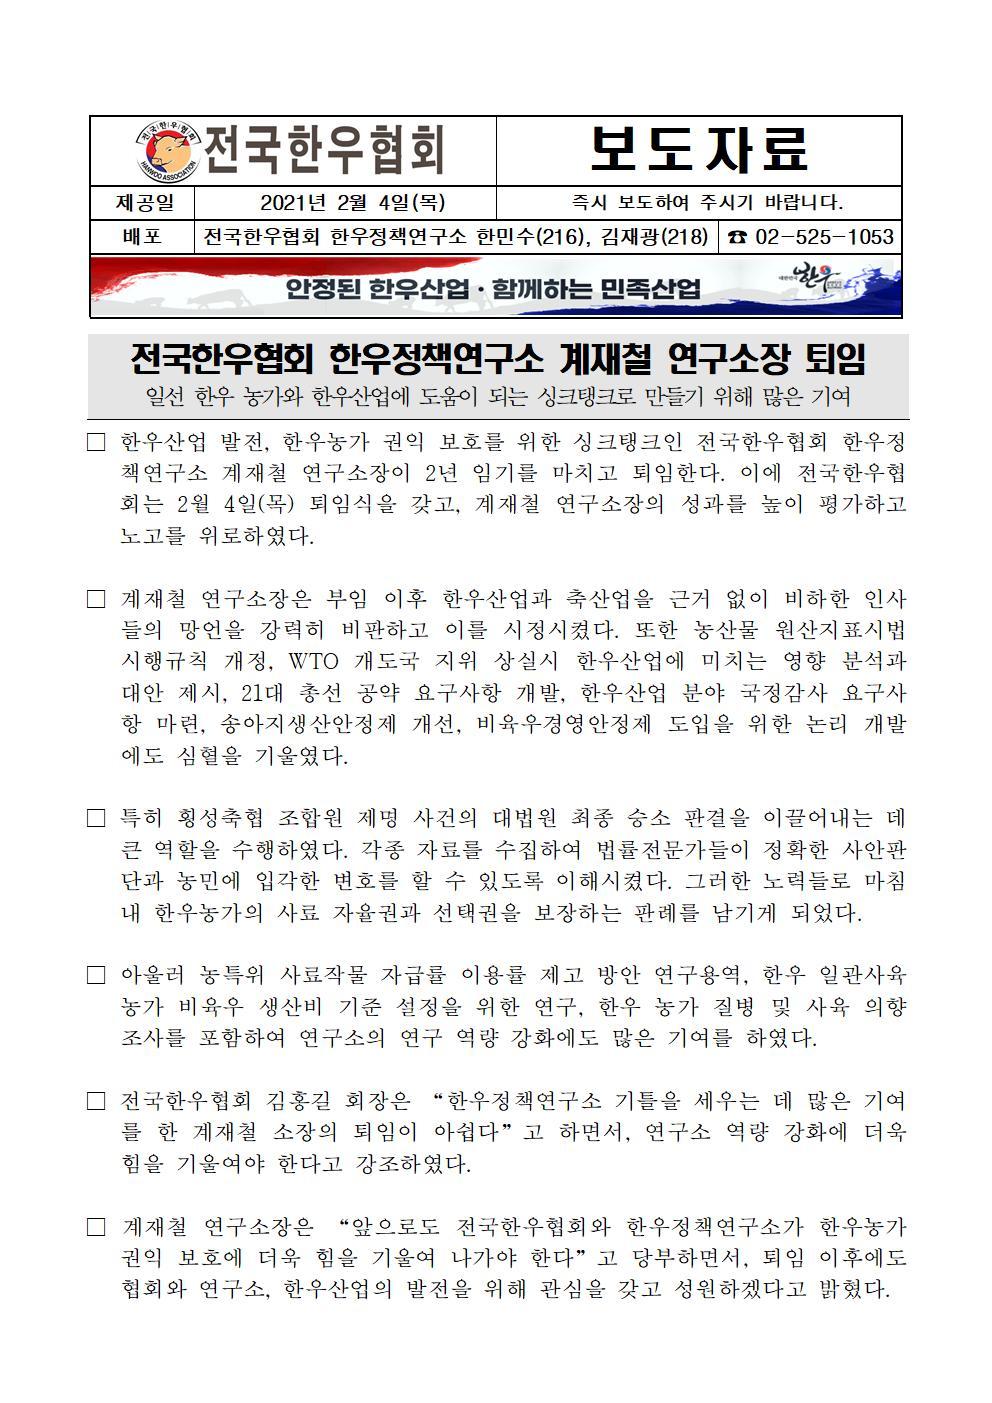 210204 (보도자료) 한우정책연구소 계재철 소장 퇴임001.jpg